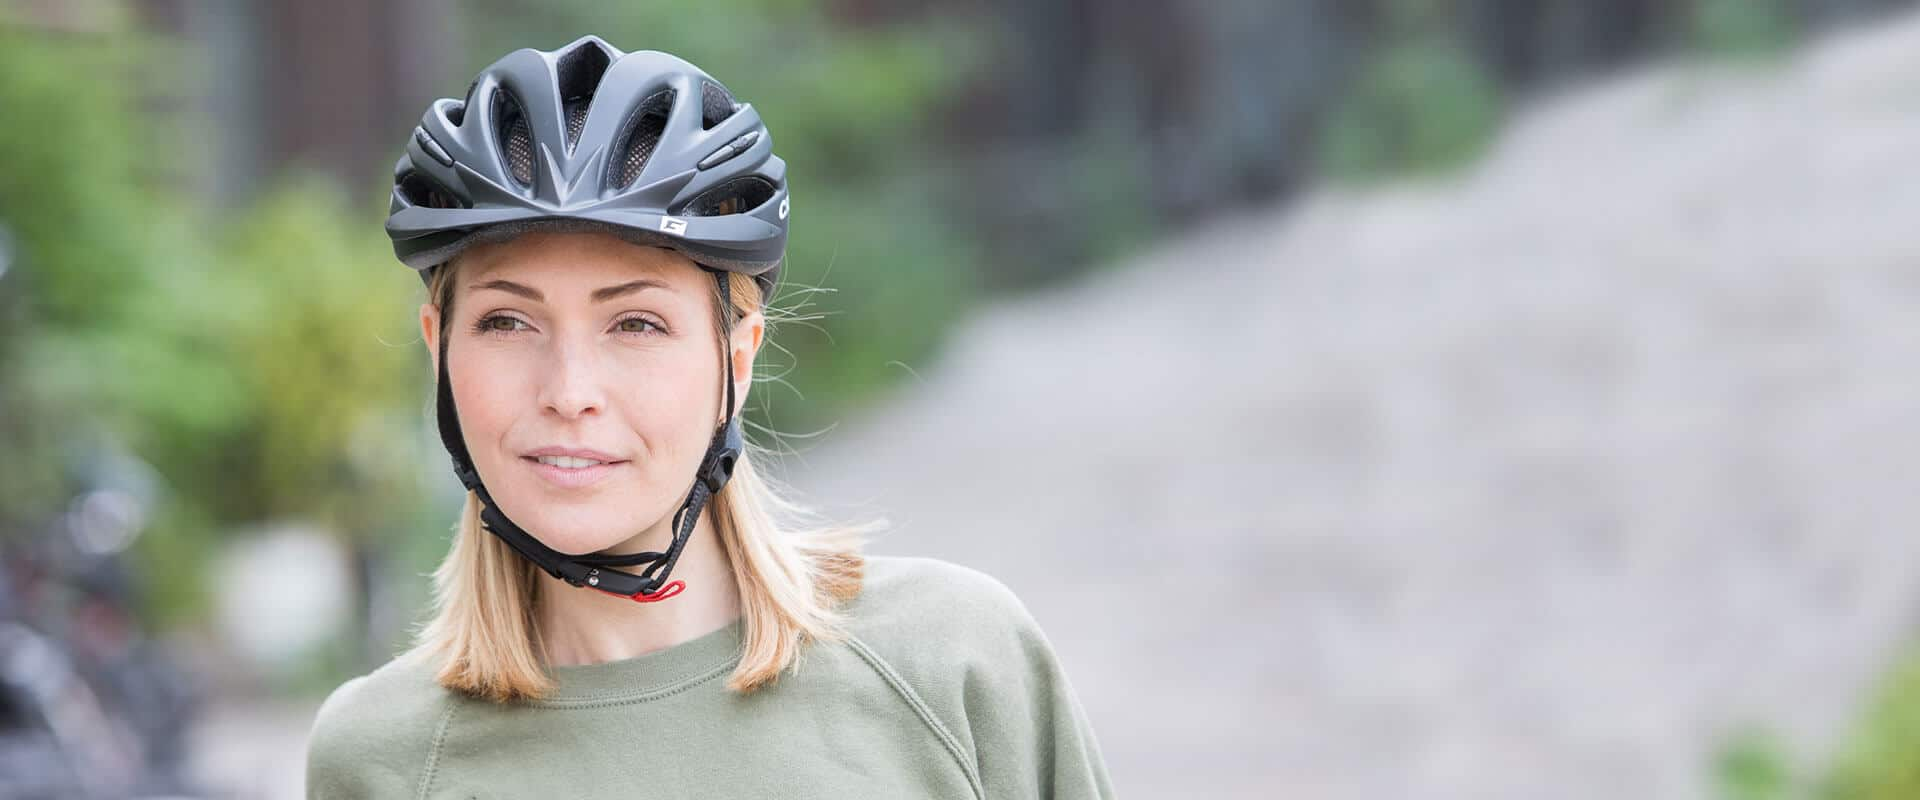 Bequemer Fahrradhelm für die Freizeit